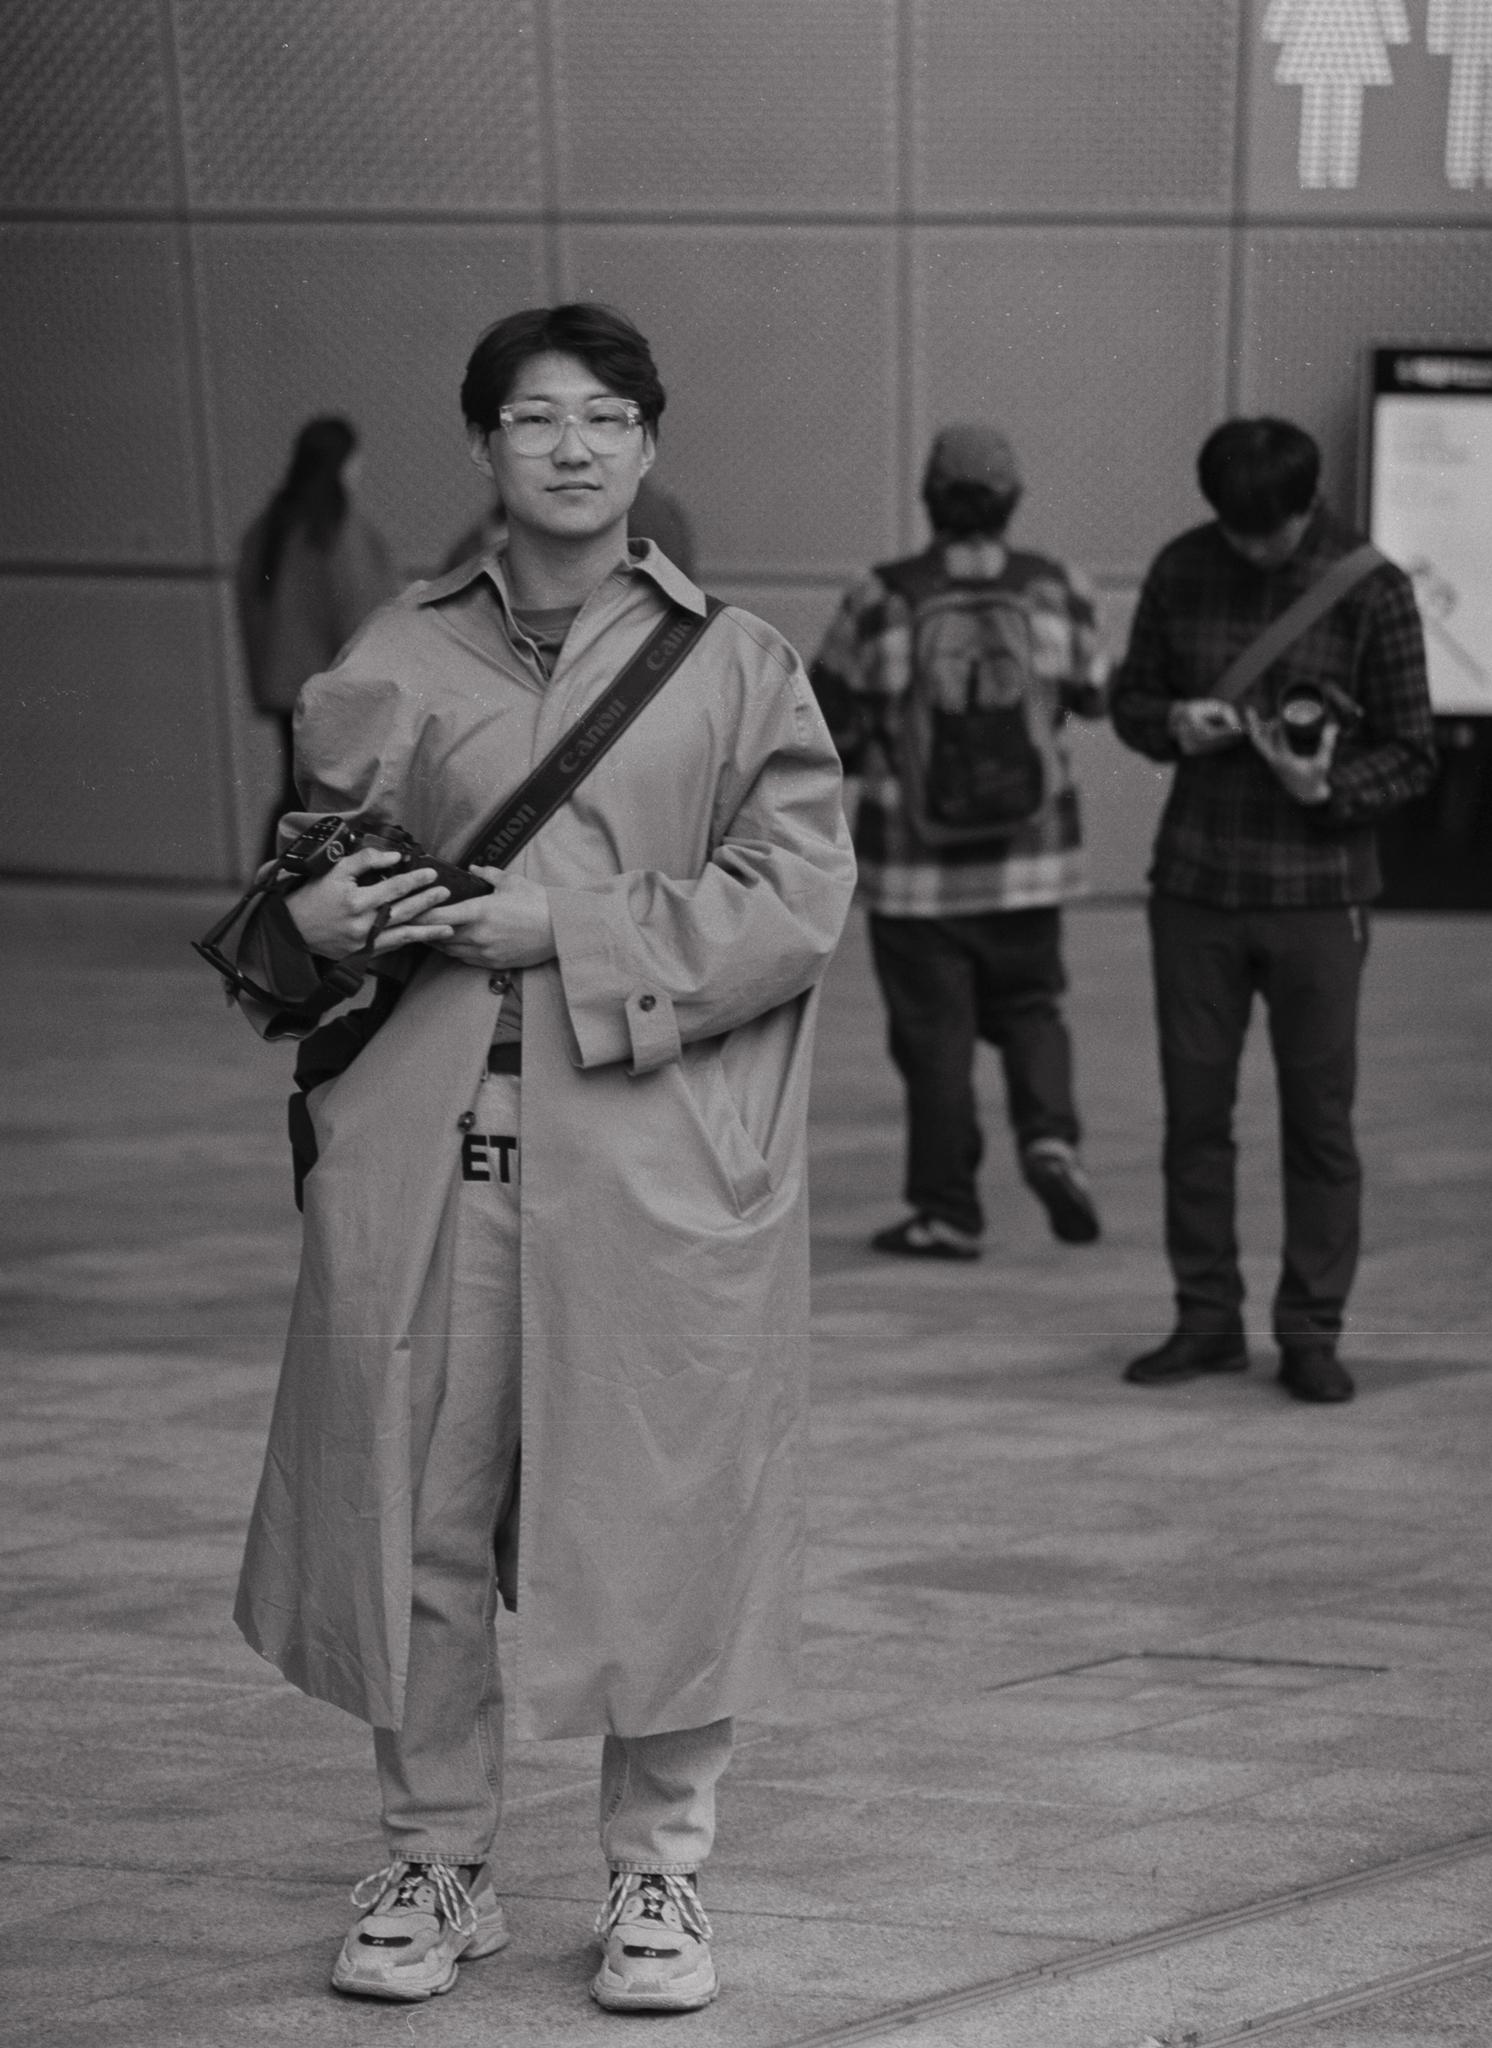 """박철현 (30) – """"거리 포토그래퍼로서 이렇게 새로운 사람들을 만나고 사진을 찍고 그 사람들을 알아 가는 것이 참 좋습니다.""""  Park ChulHyun (30) – """"As a street photographer, I am so happy to meet and get to know new people; my subjects."""""""